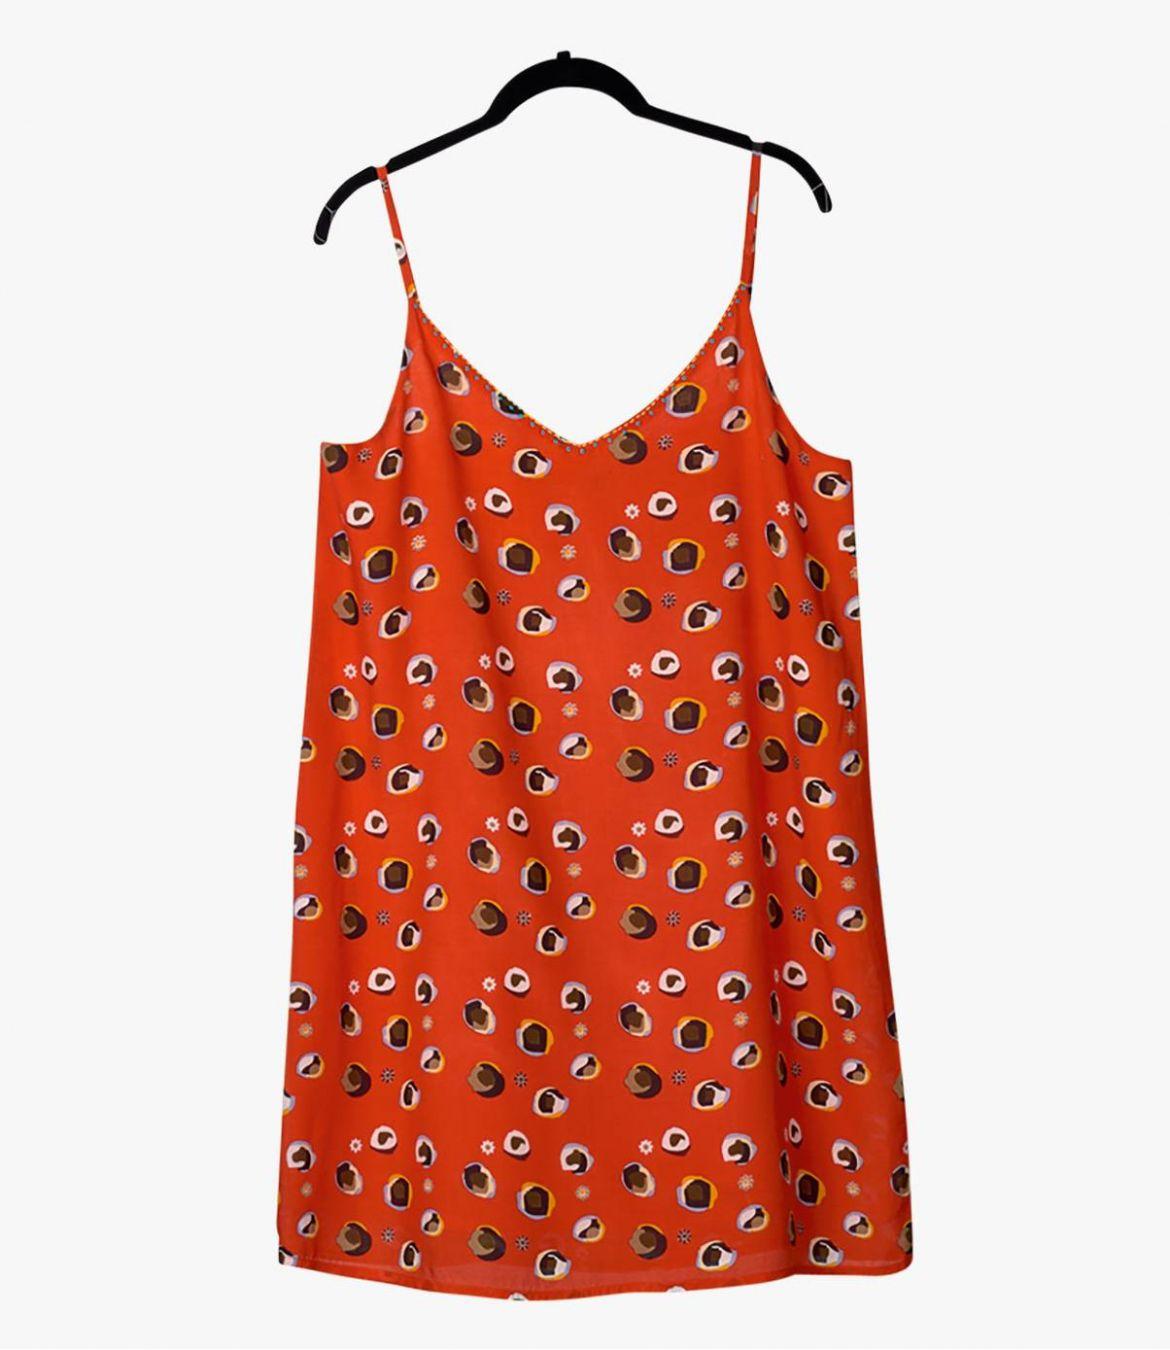 ALOA BULLE Dress in Modal, Cotton for Women Storiatipic - 2